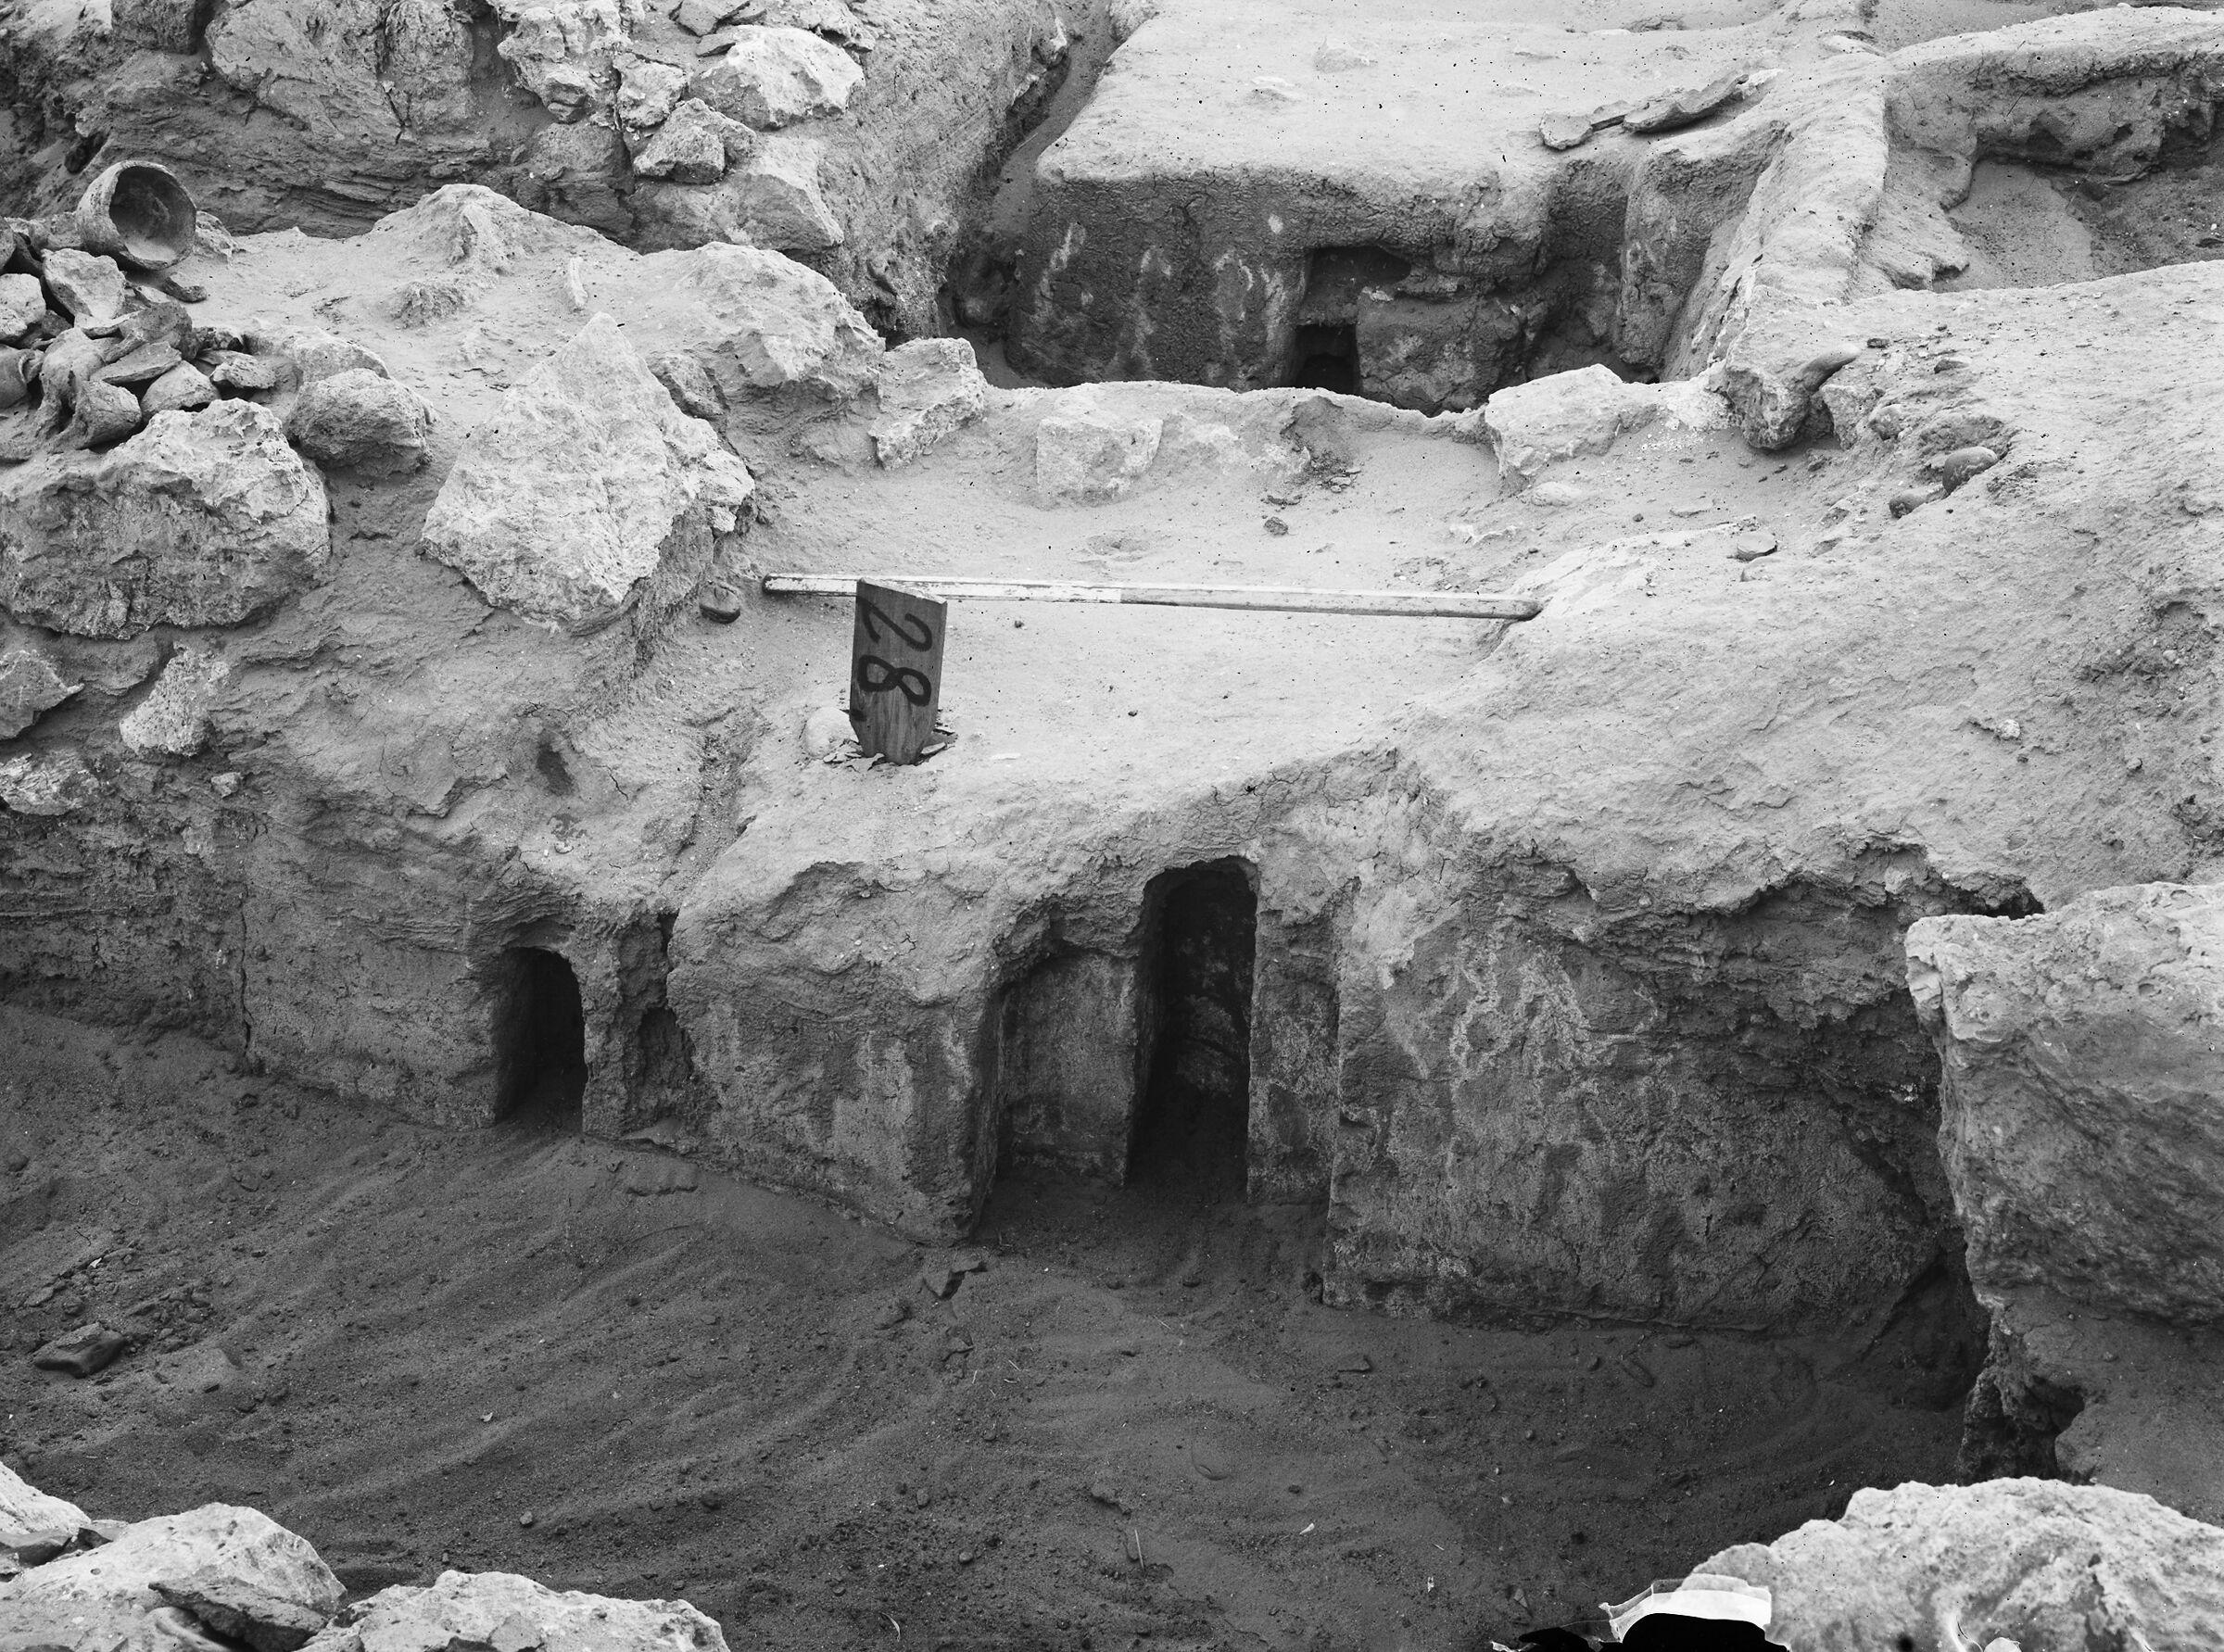 Wadi Cemetery (Reisner; north of W. Cem): Site: Giza; View: GW 28, GW 29, GW 48, GW 50